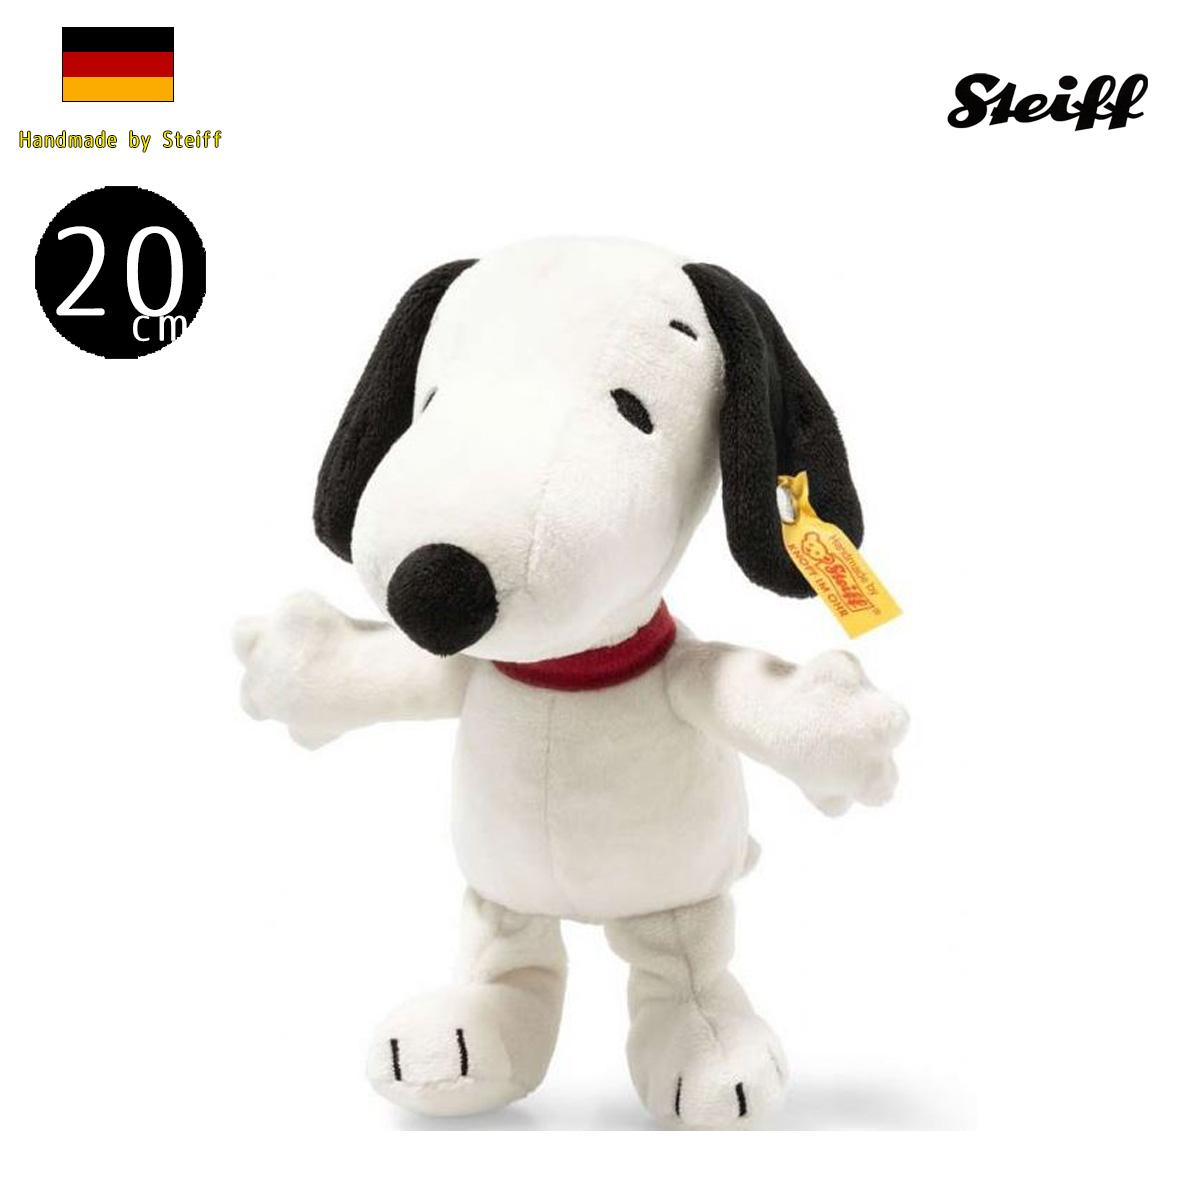 シュタイフ ドイツ限定 スヌーピー 20cm ソフト テディベア Steiff Snoopy